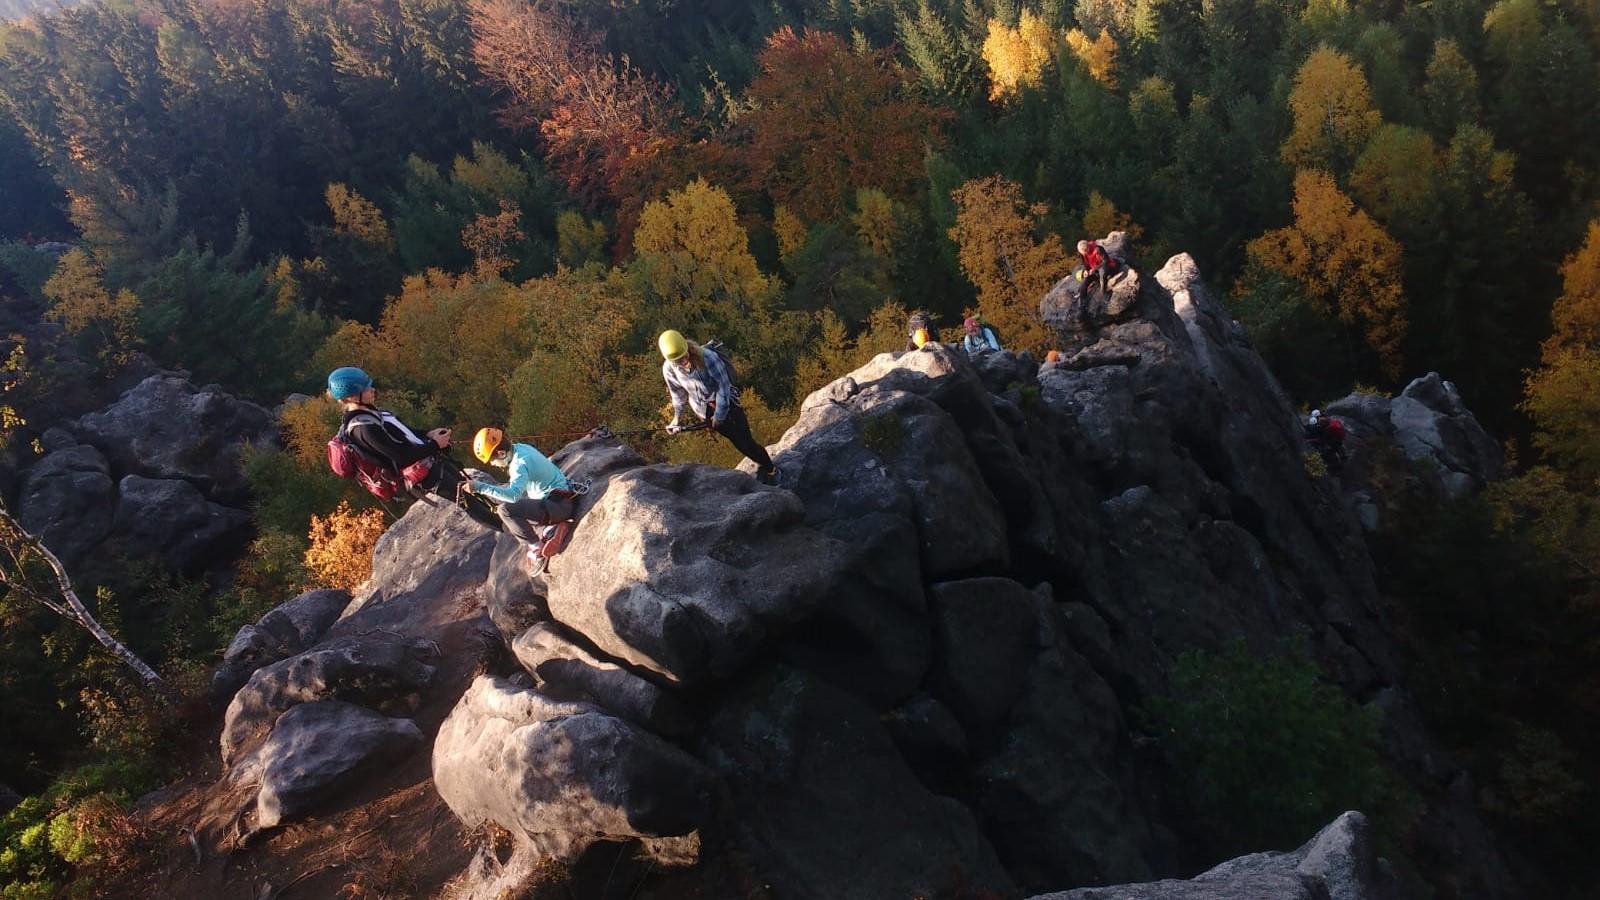 Kids und Jugendleiter*innen bestreiten Klettersteig im Zittauer Gebirge, Im Hintergrund scheint Sonne in buntes Herbstlaub des Waldes